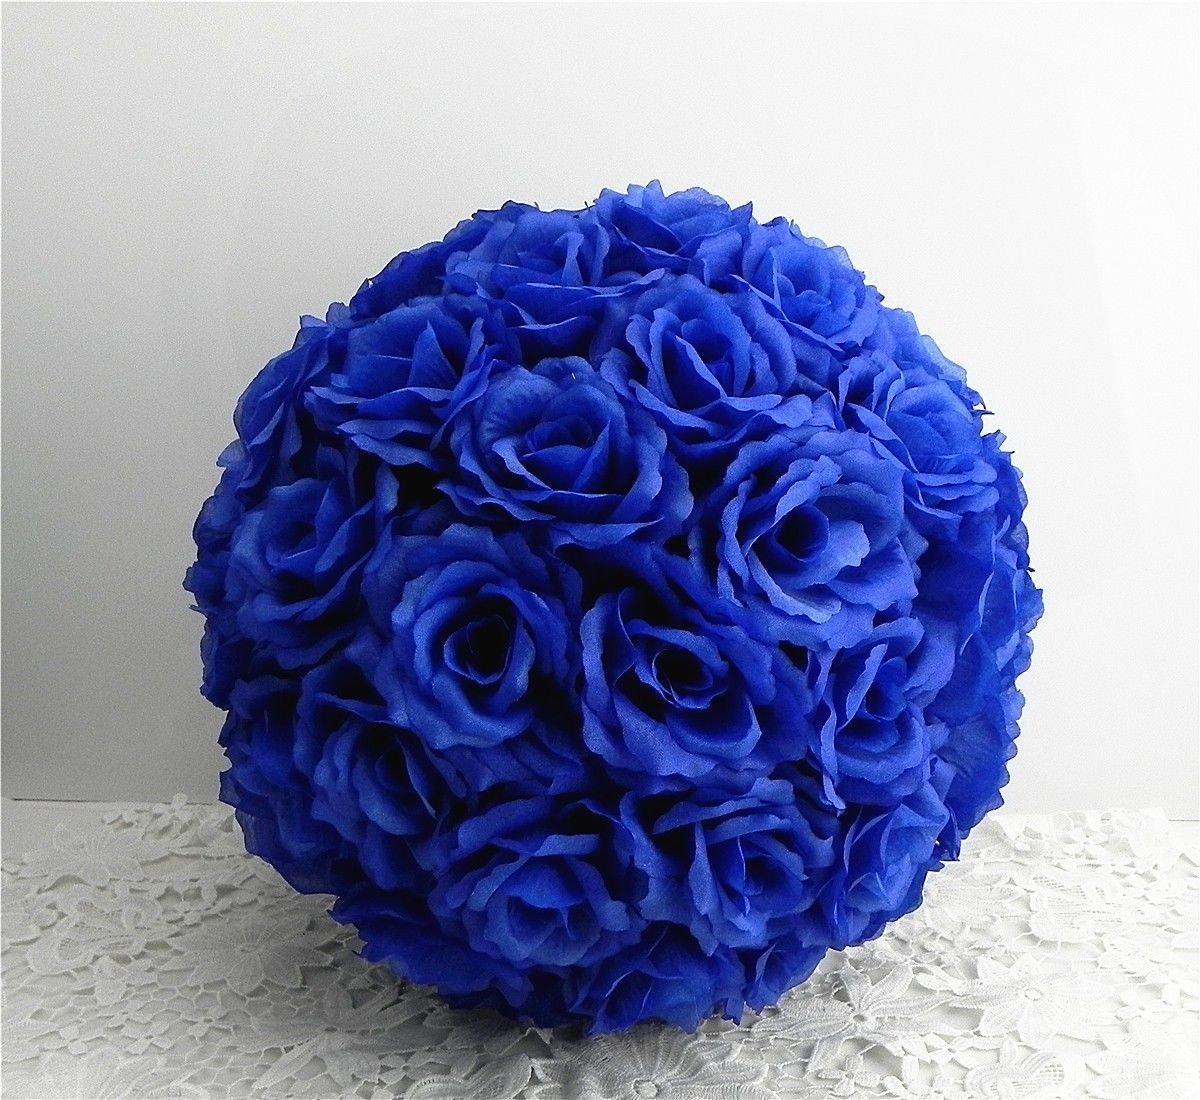 CYNDIE-Wedding-Flower-Blue-15-40cm-59-157-Silk-Rose-Pomander-Flower-Kissing-Ball-Wedding-Party